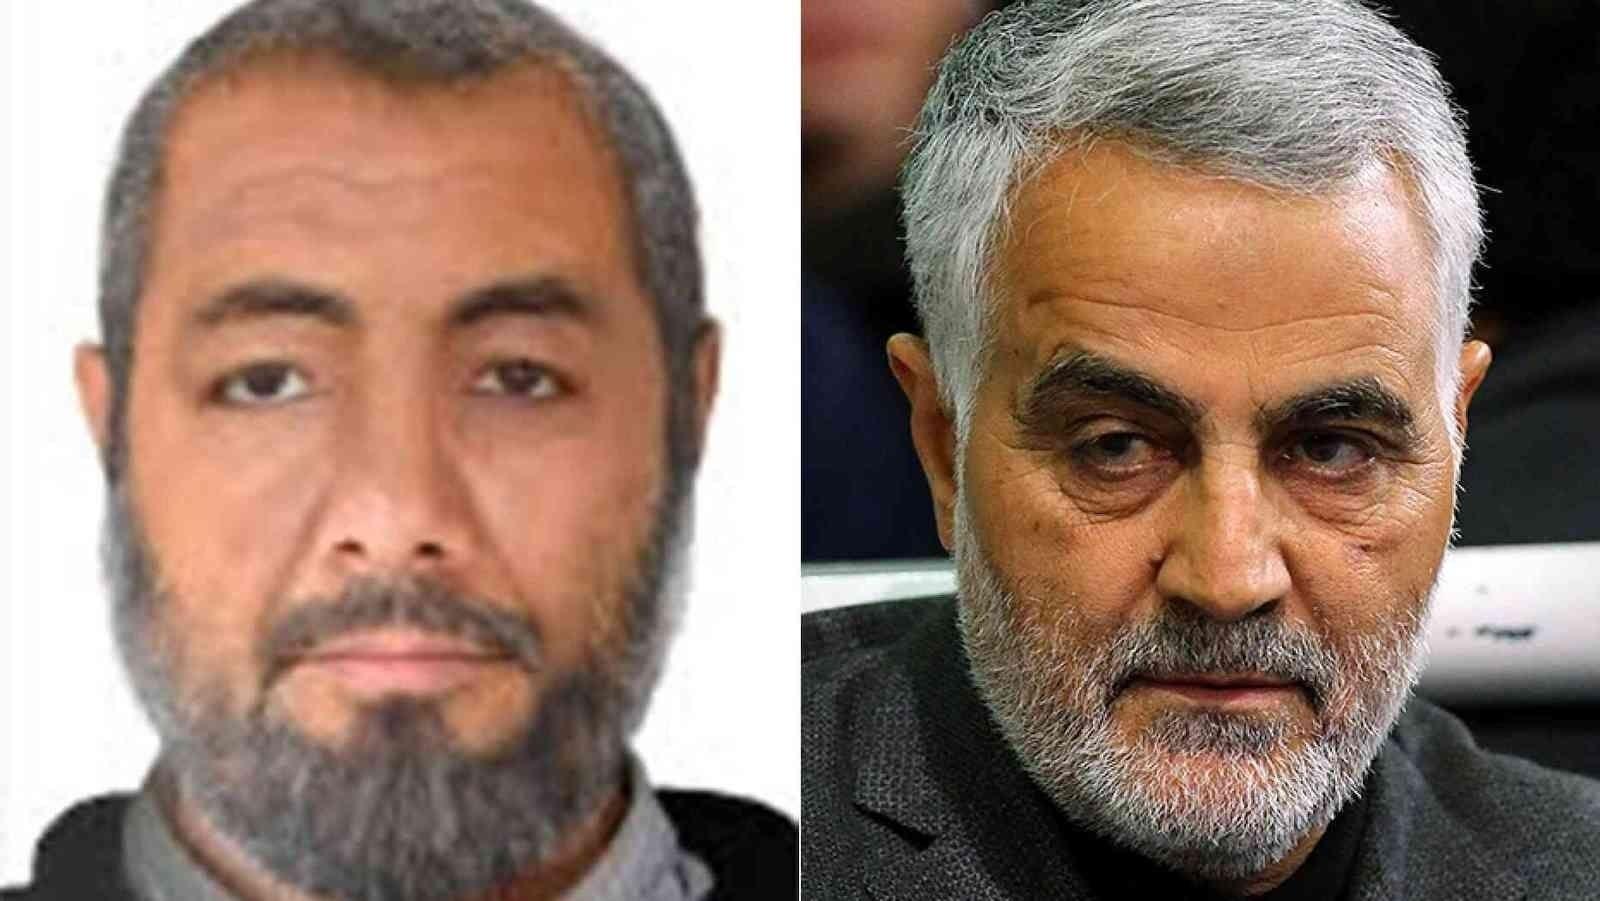 Генерал Солейманитай зэрэг Ираны хоёр дахь офицерыг устгах гэж байсан ч бүтэлгүйтжээ